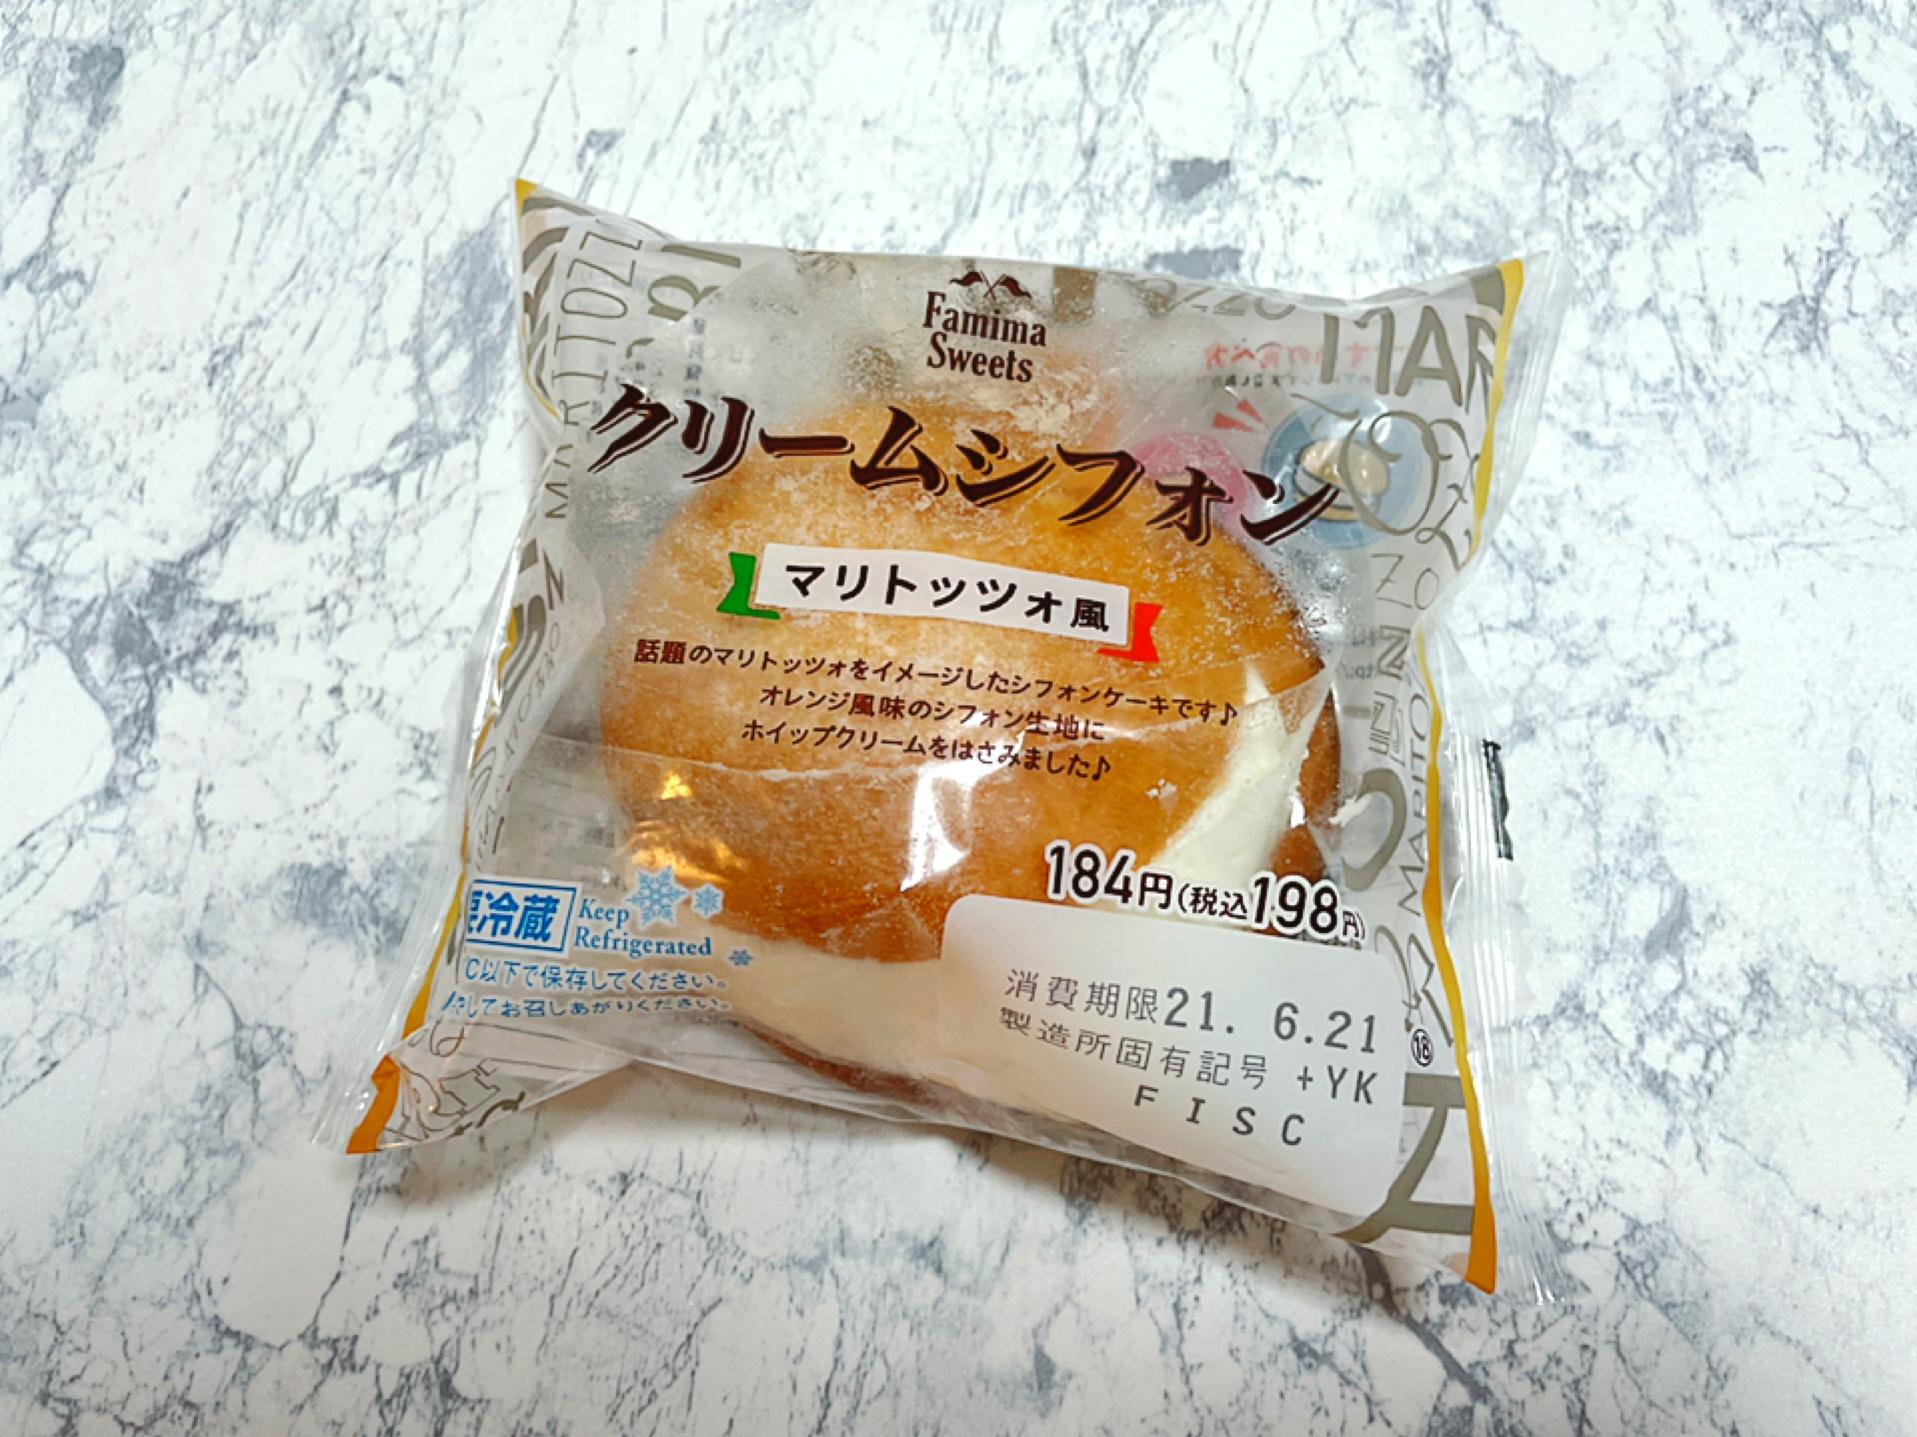 【ファミマ新商品】今話題のマリトッツォ風スイーツ食べてみた!簡単アレンジ_1